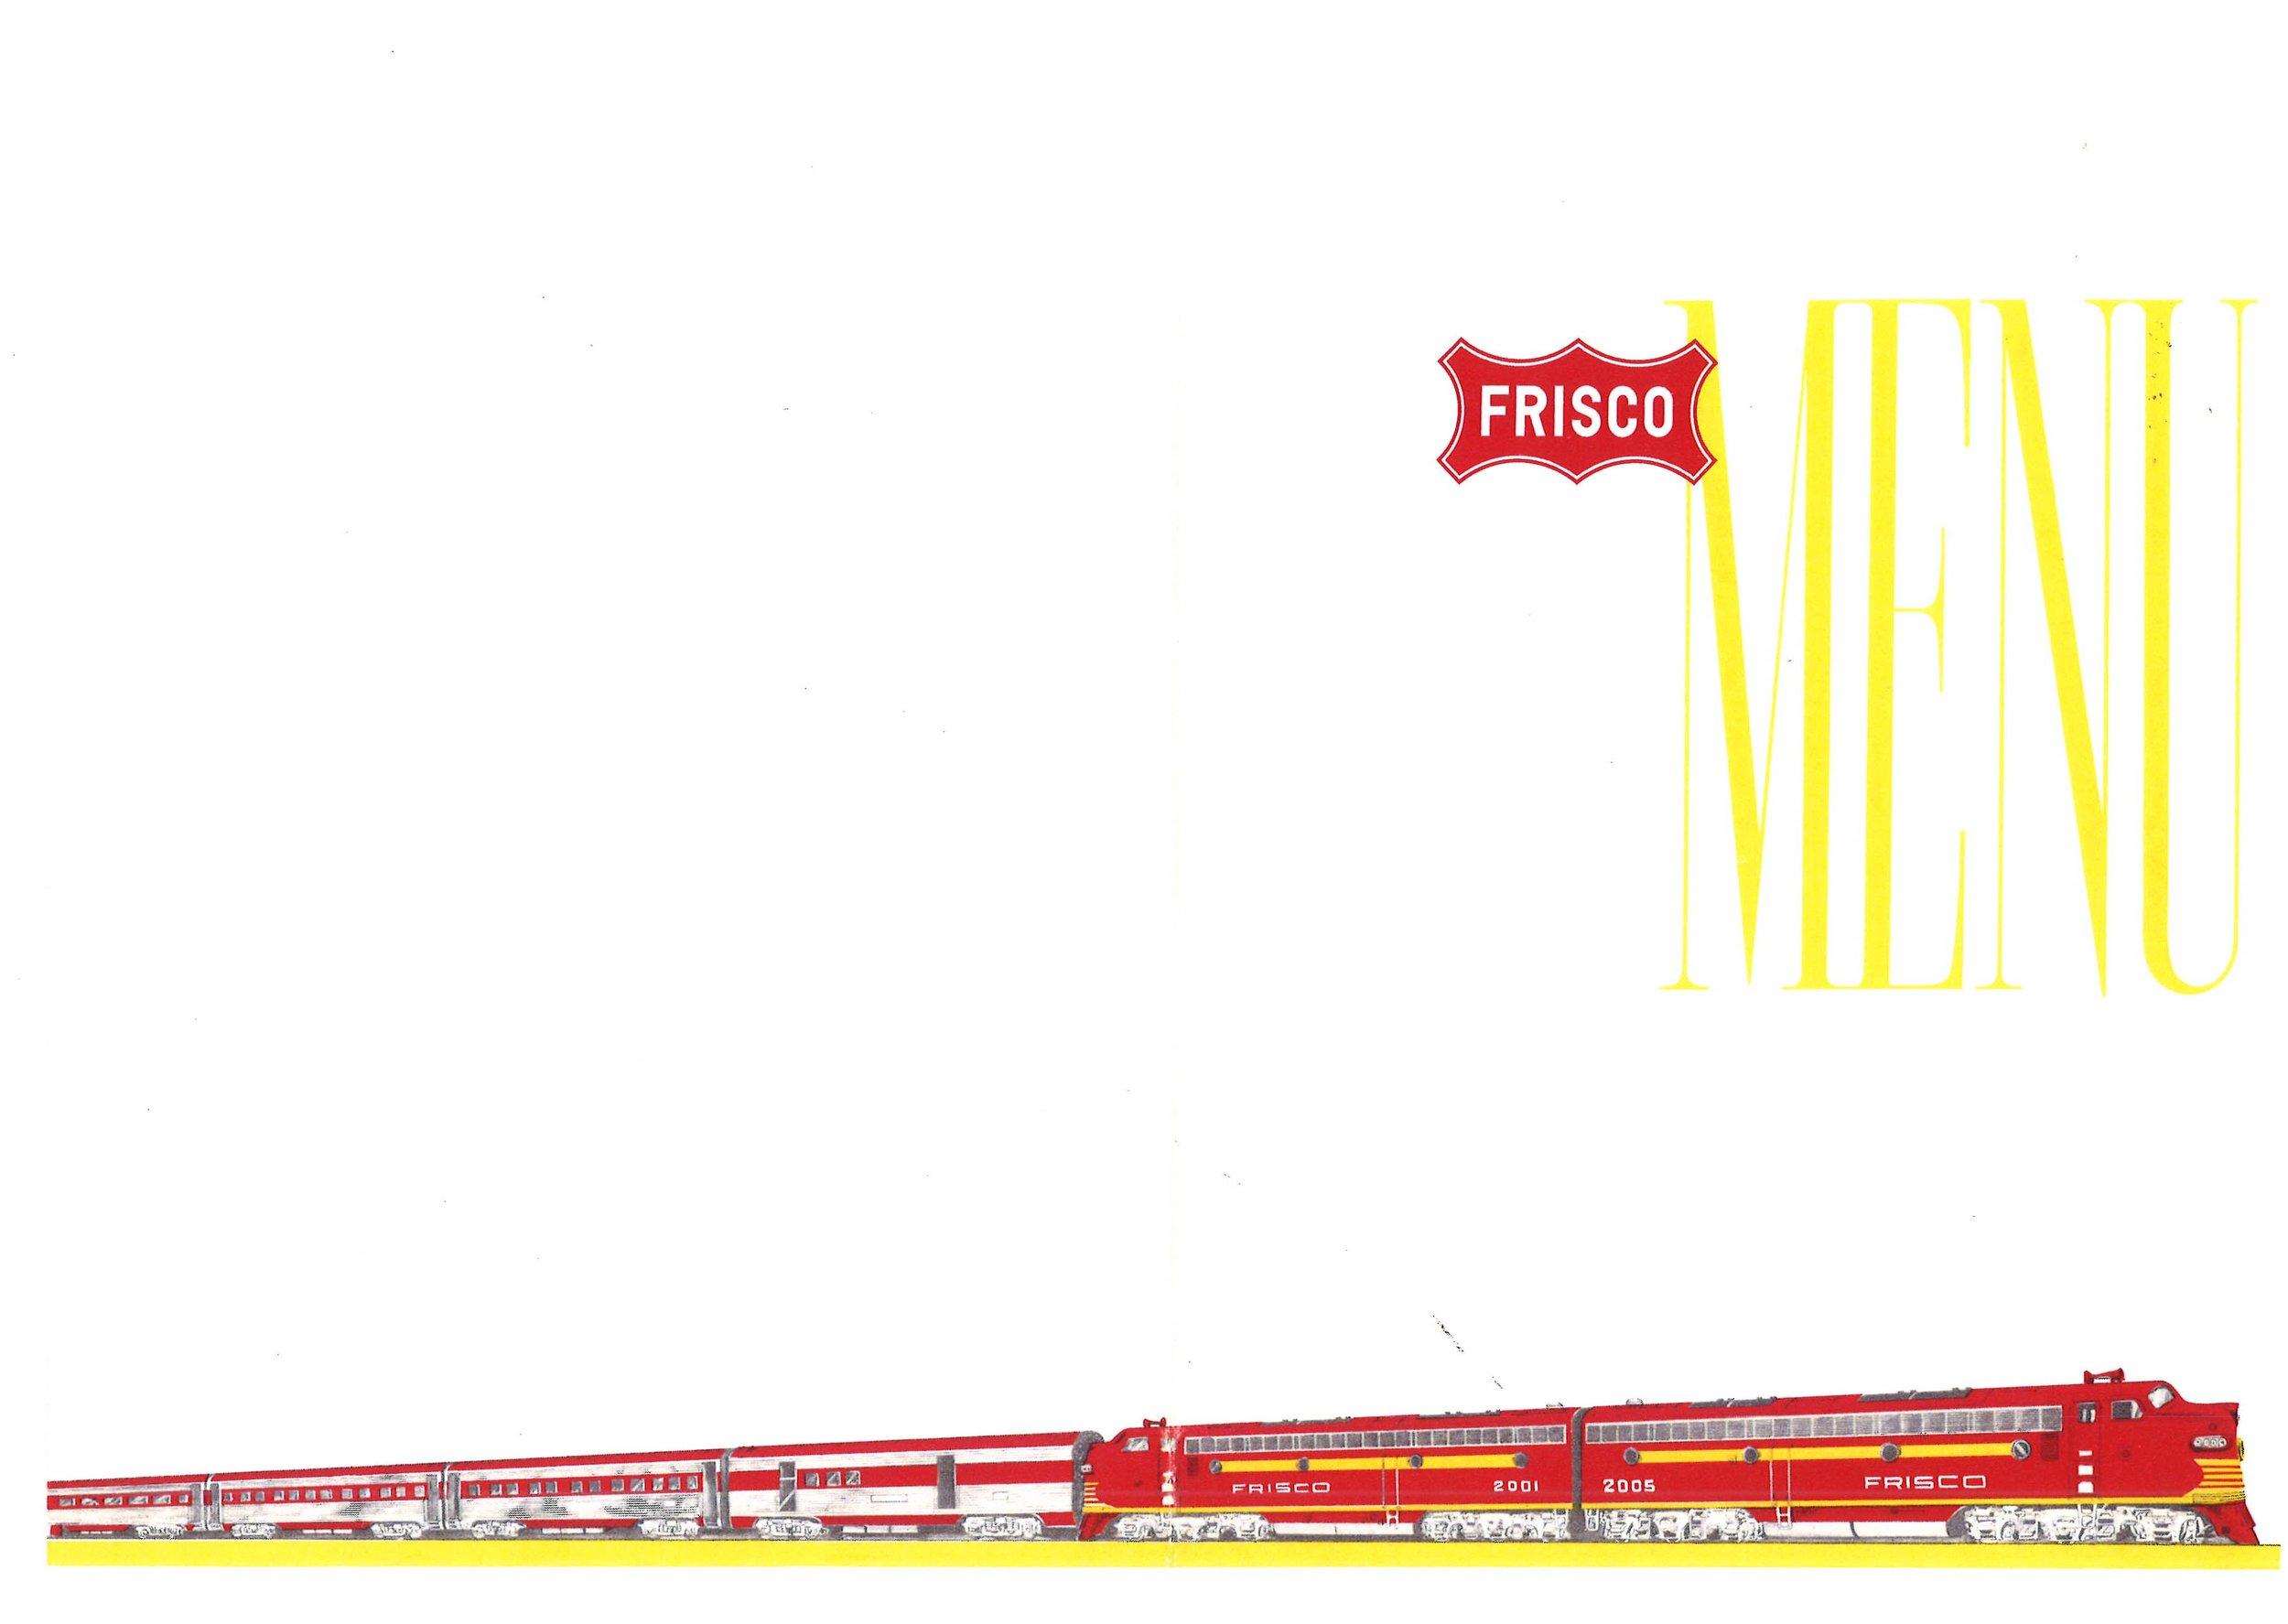 Frisco+1948+-+Lunch+Menu 1.jpg